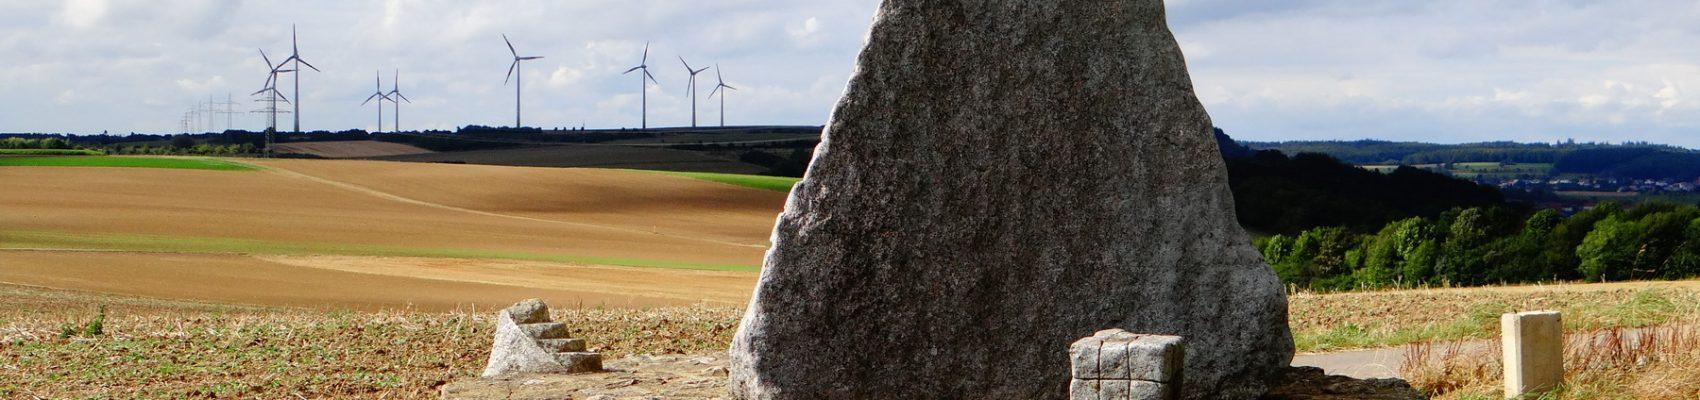 Sehenswürdigkeiten in Merzig: Steine an der Grenze